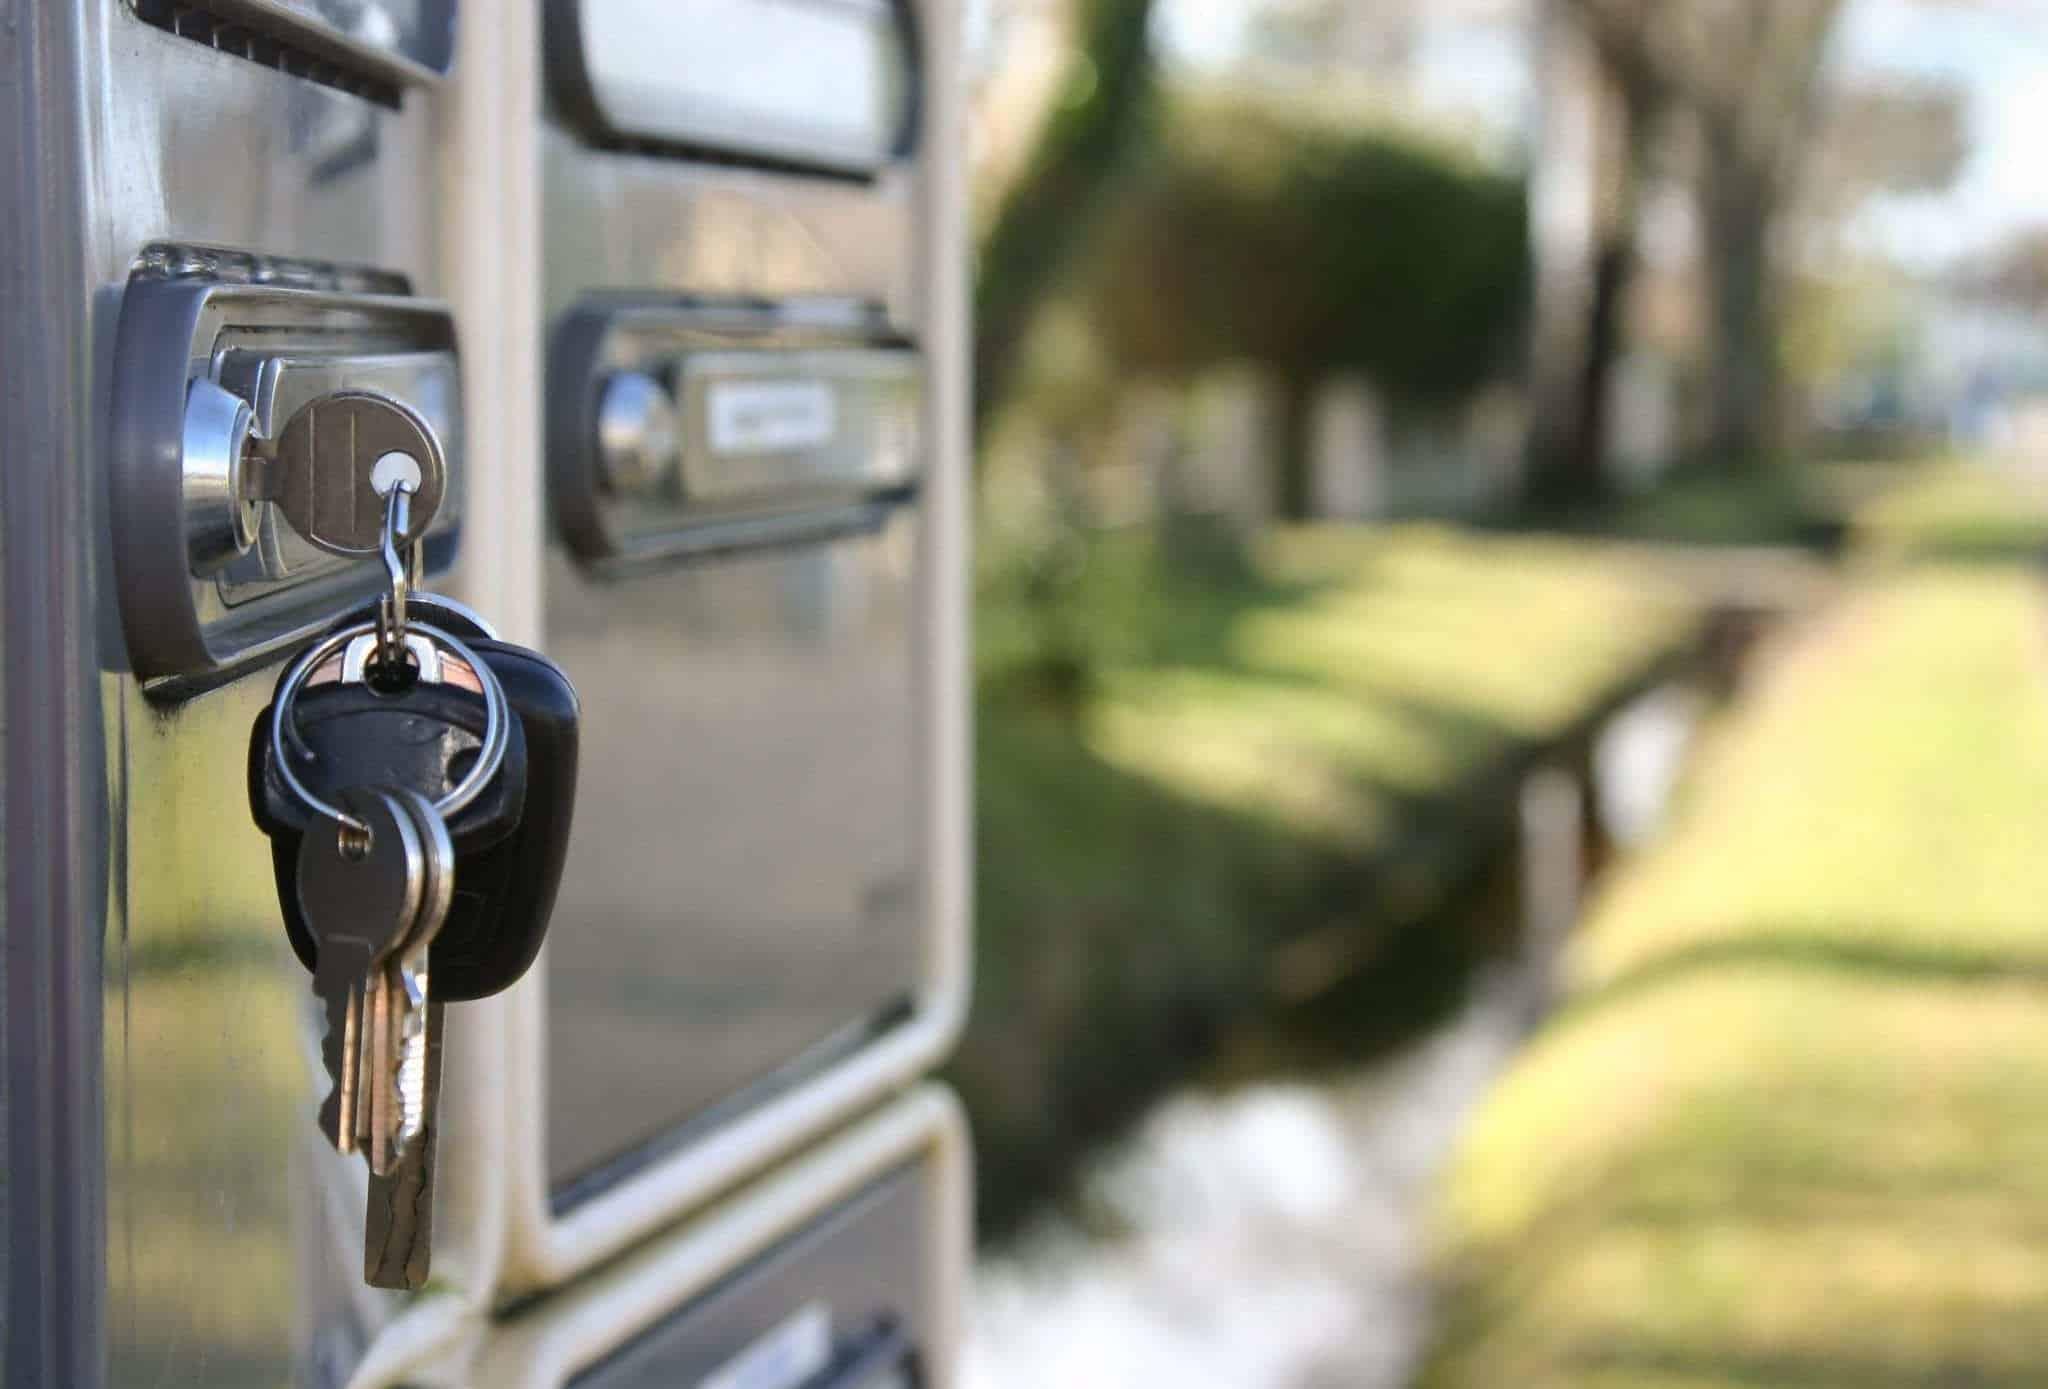 Bricolaje en casa: cómo cambiar la cerradura de un buzón